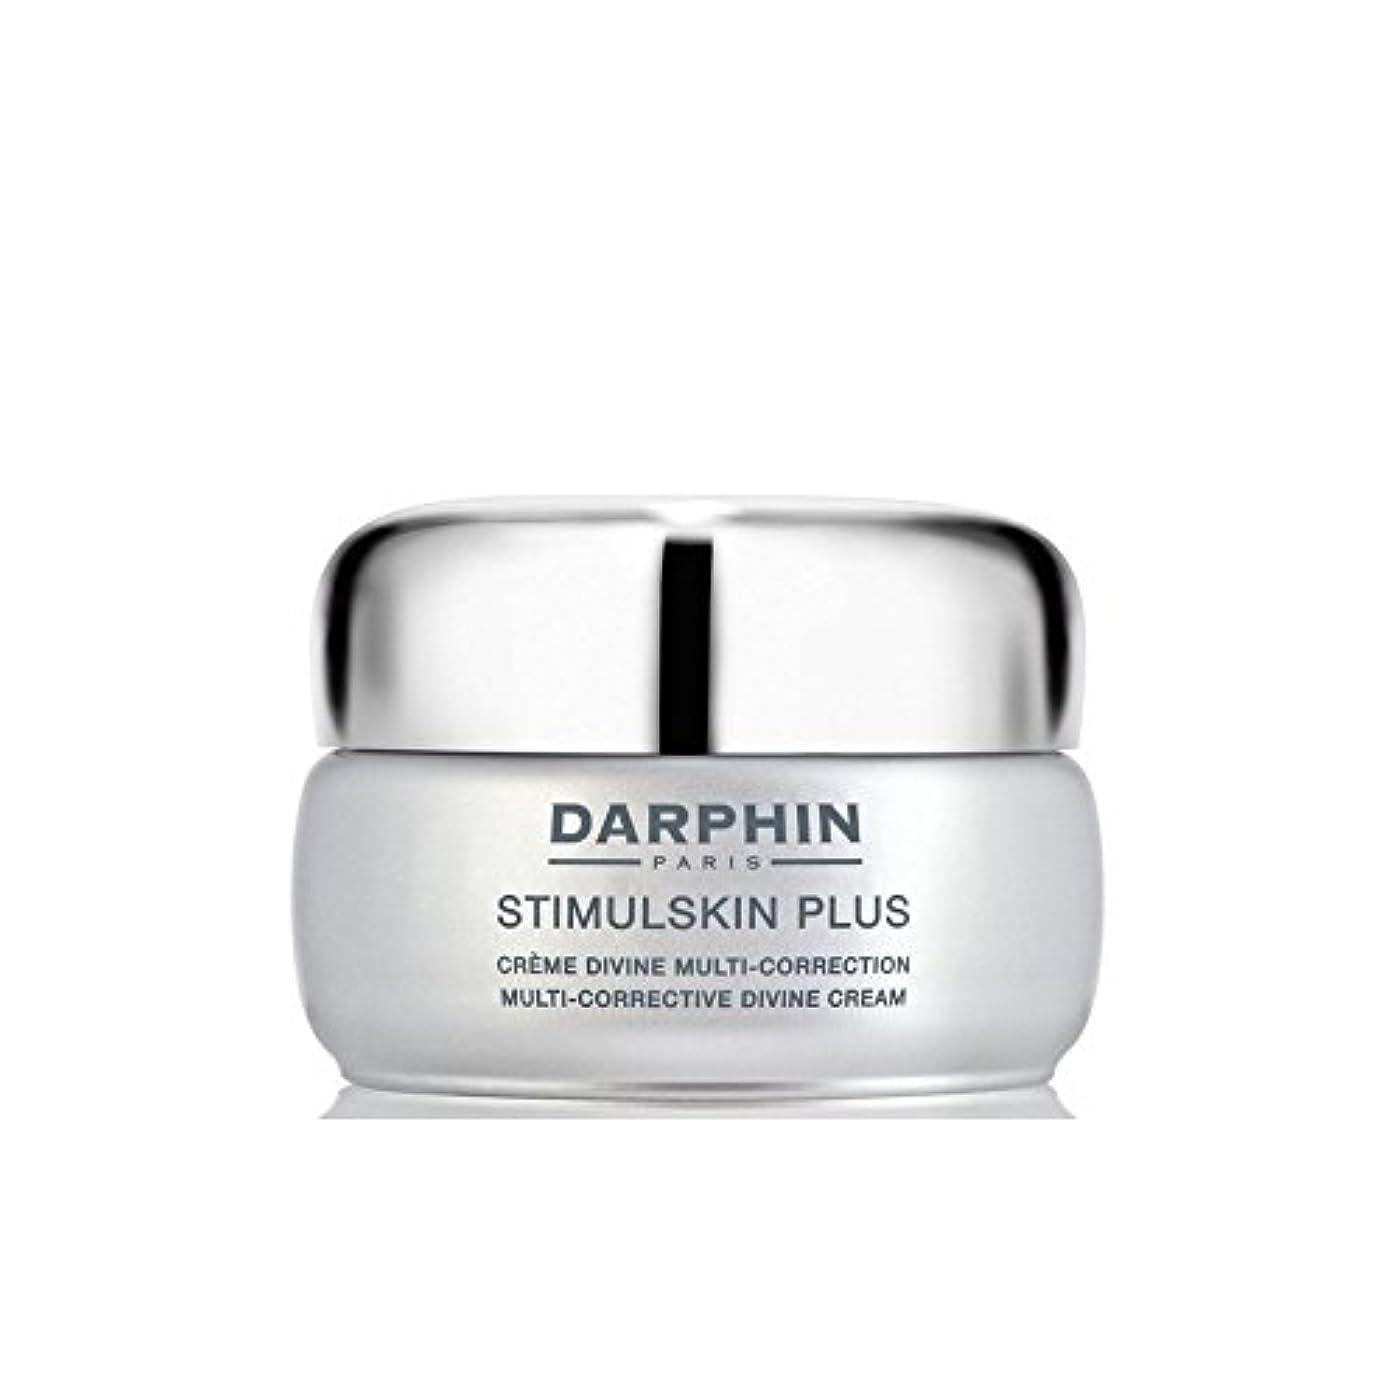 屈辱する大混乱雰囲気Darphin Stimulskin Plus Multi-Corrective Divine Cream - Rich (Pack of 6) - ダルファンスティプラスマルチ是正神クリーム - 豊富 x6 [並行輸入品]